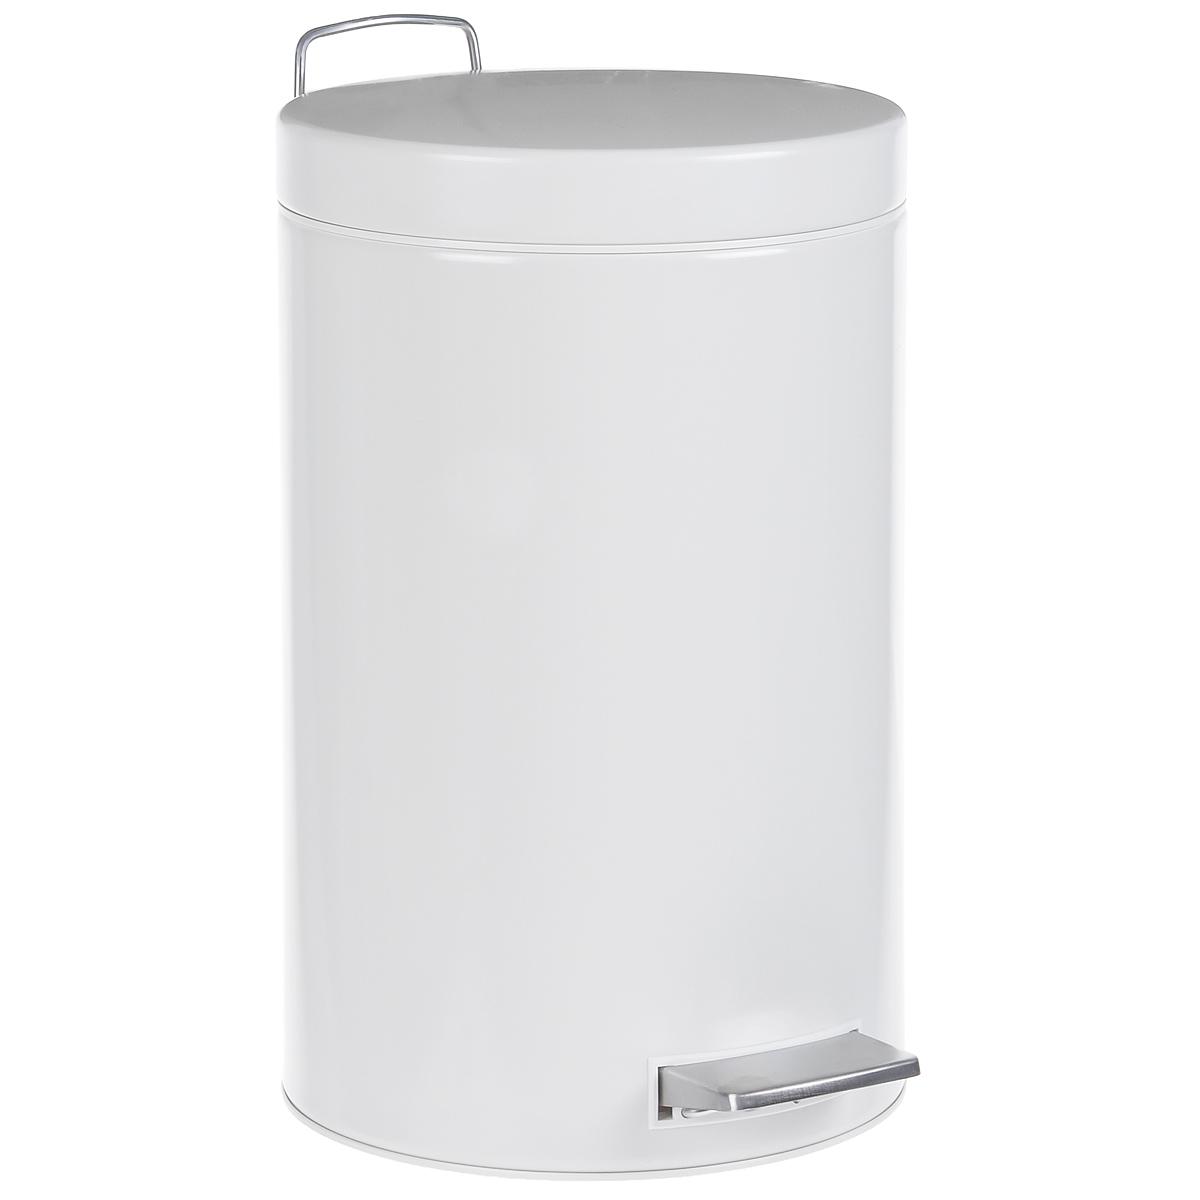 Ведро для мусора Brabantia, с педалью, цвет: белый, 12 л. 214660S03301004Ведро для мусора Brabantia, выполненное из стали, обеспечит долгий срок службы и легкую чистку. Ведро оснащено педалью из нержавеющей стали, с помощью которой можно открывать крышку. Пластиковая основа ведра предотвращает повреждение пола. Резиновые ножки препятствуют скольжению. Внутренняя часть - пластиковое ведерко с металлической ручкой, которое легко можно вынуть. В комплект входят пакеты для ведра.Ведро Brabantia поможет вам держать мусор в порядке и предотвратит распространение неприятного запаха. Диаметр ведра: 24 см.Высота ведра: 39,5 см.Объем: 12 л.